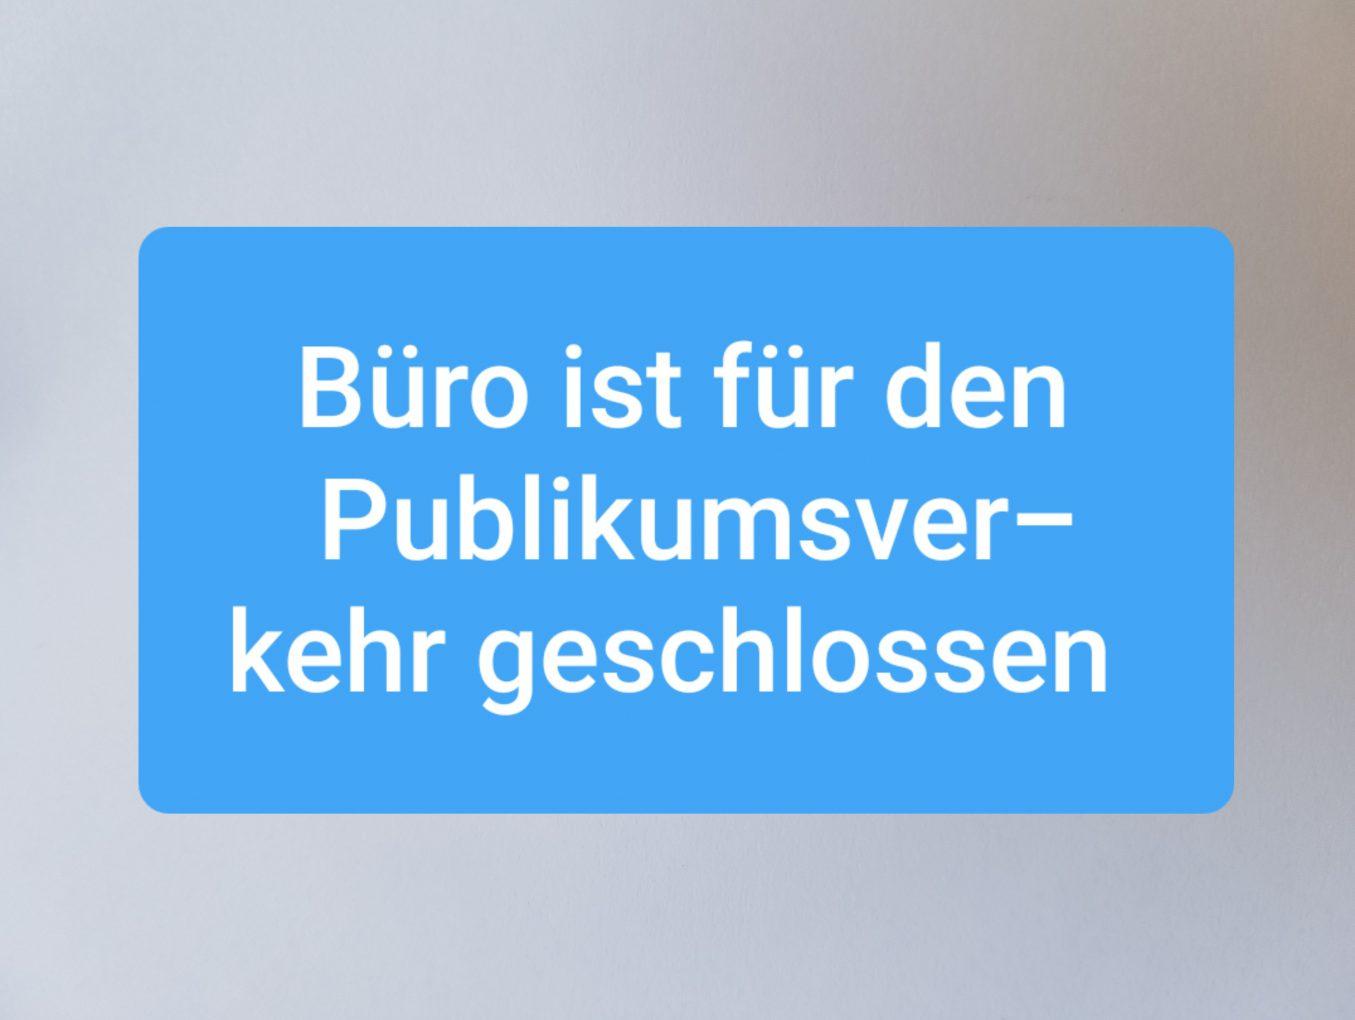 Zweckverbandsbüro für Publikumsverkehr geschlossen